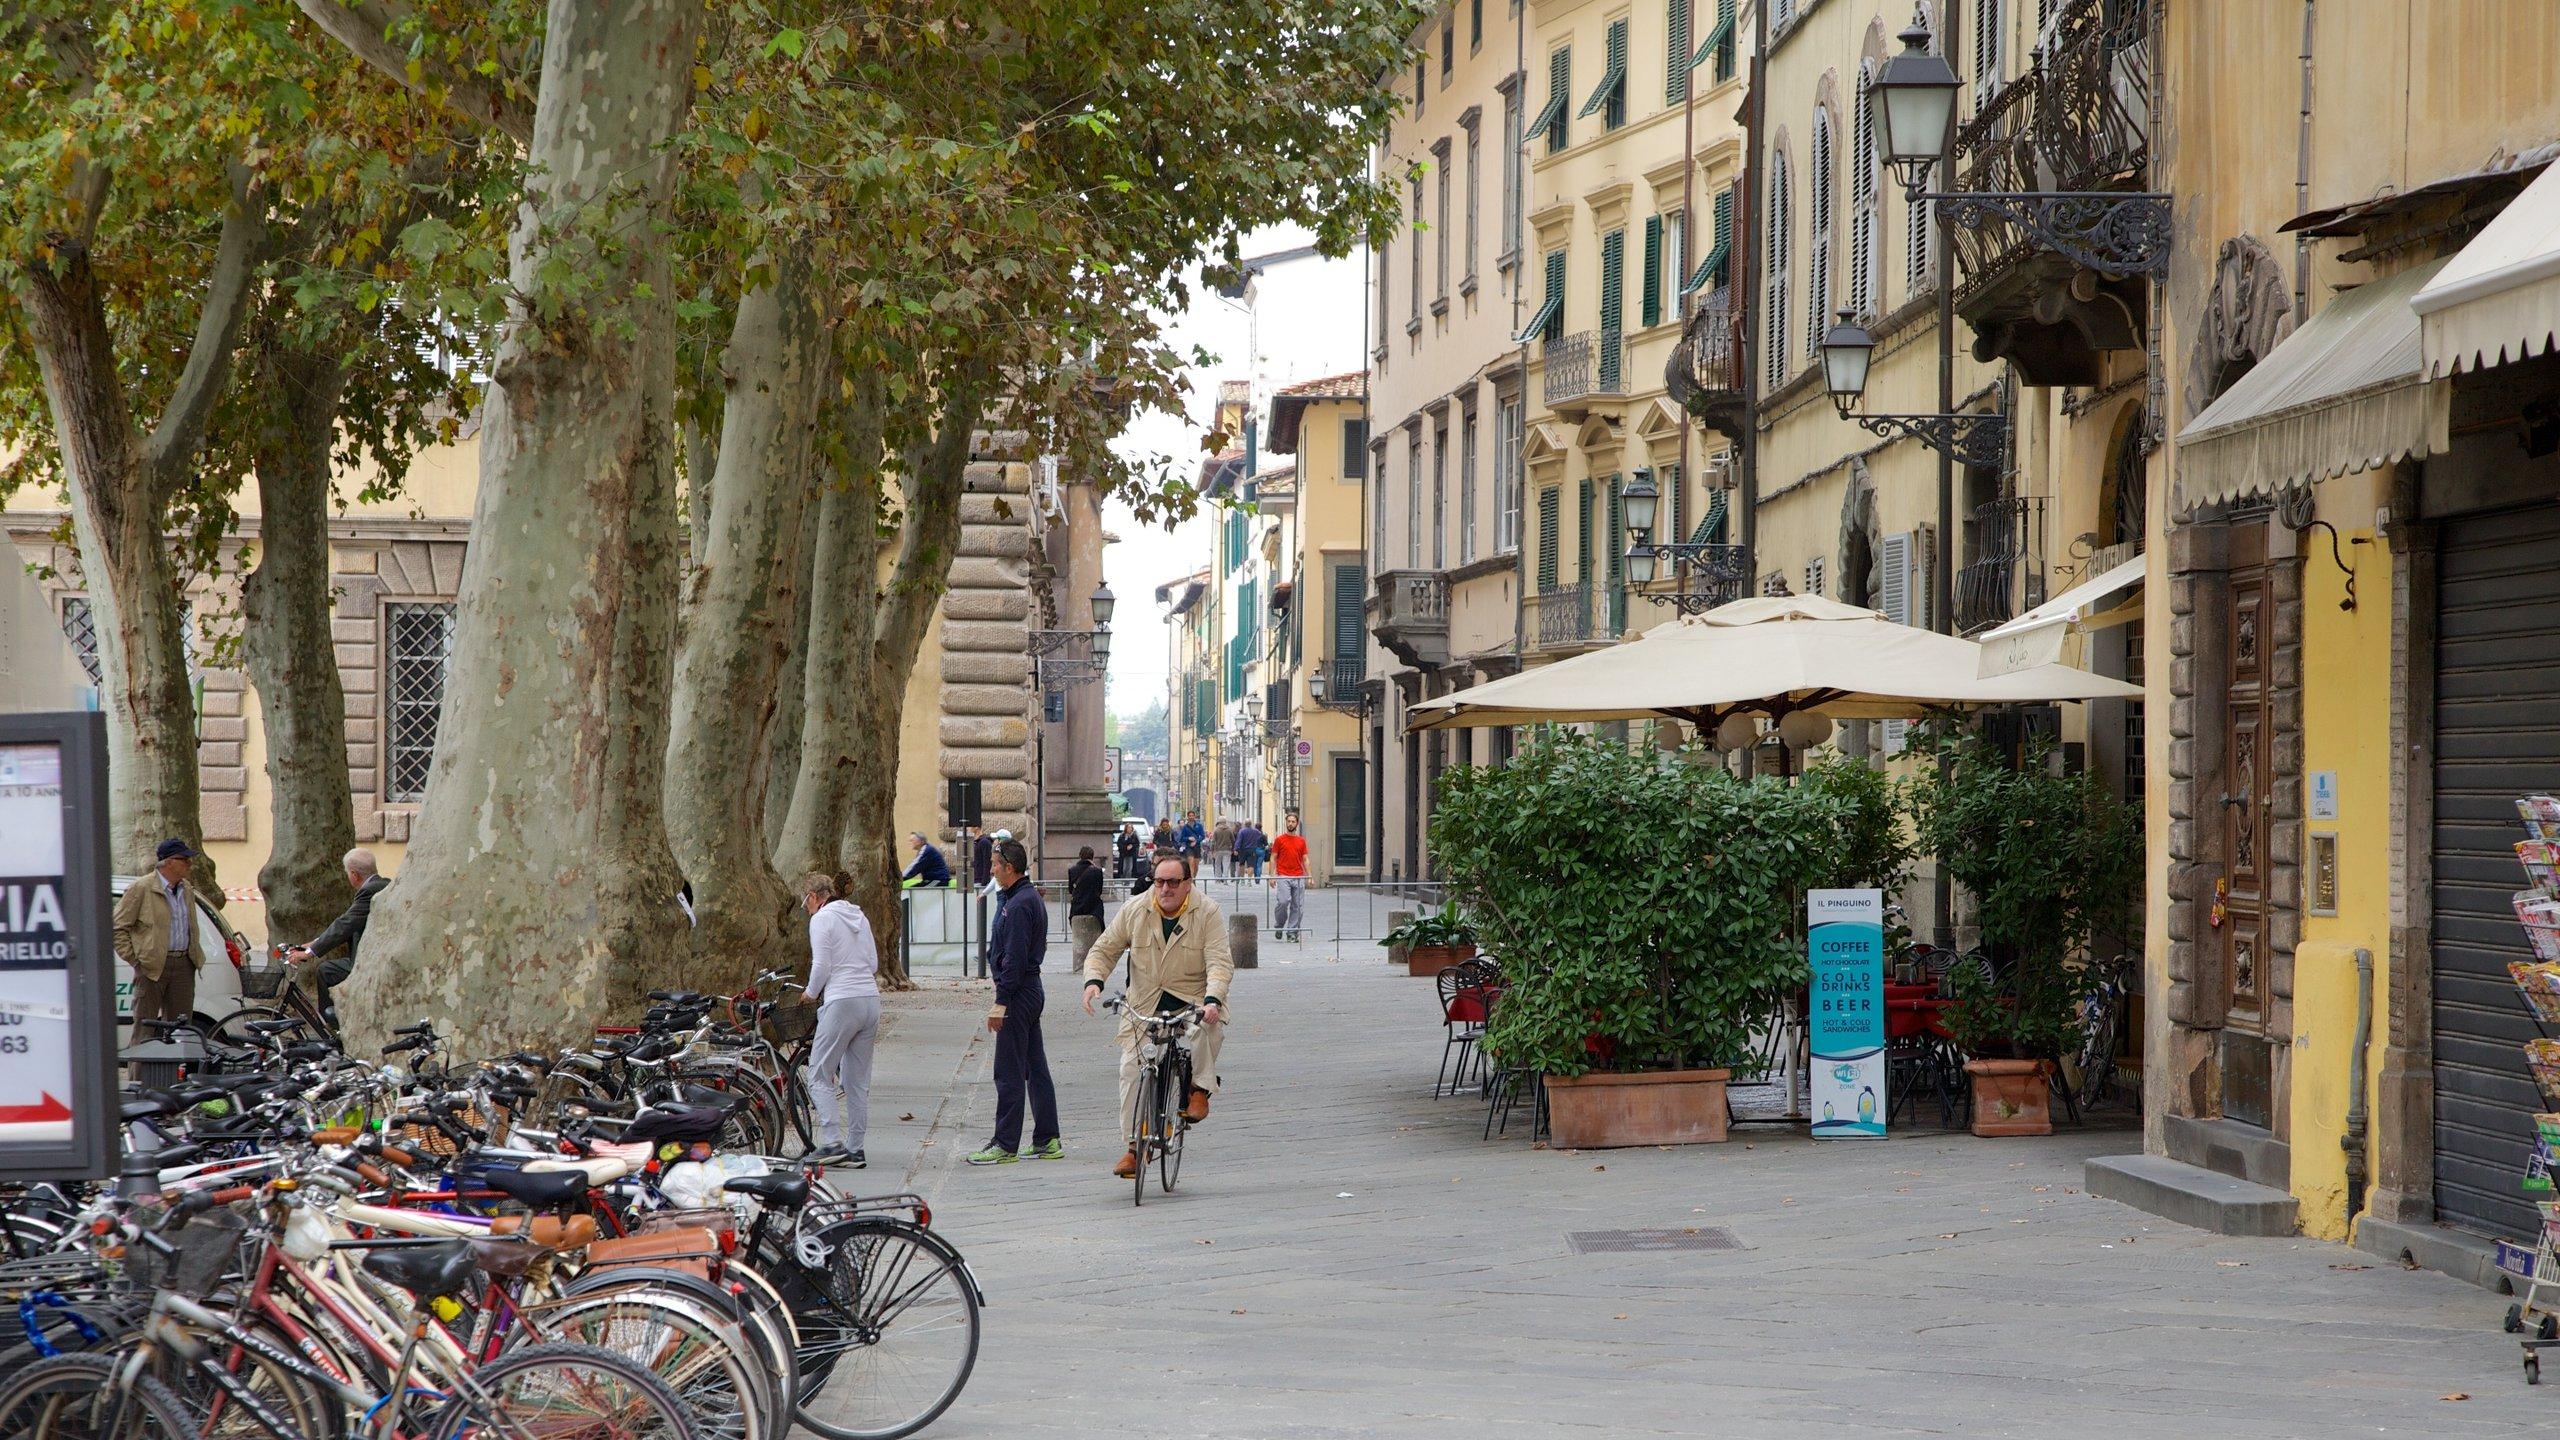 Piazza Napoleone, Lucca, Tuscany, Italy